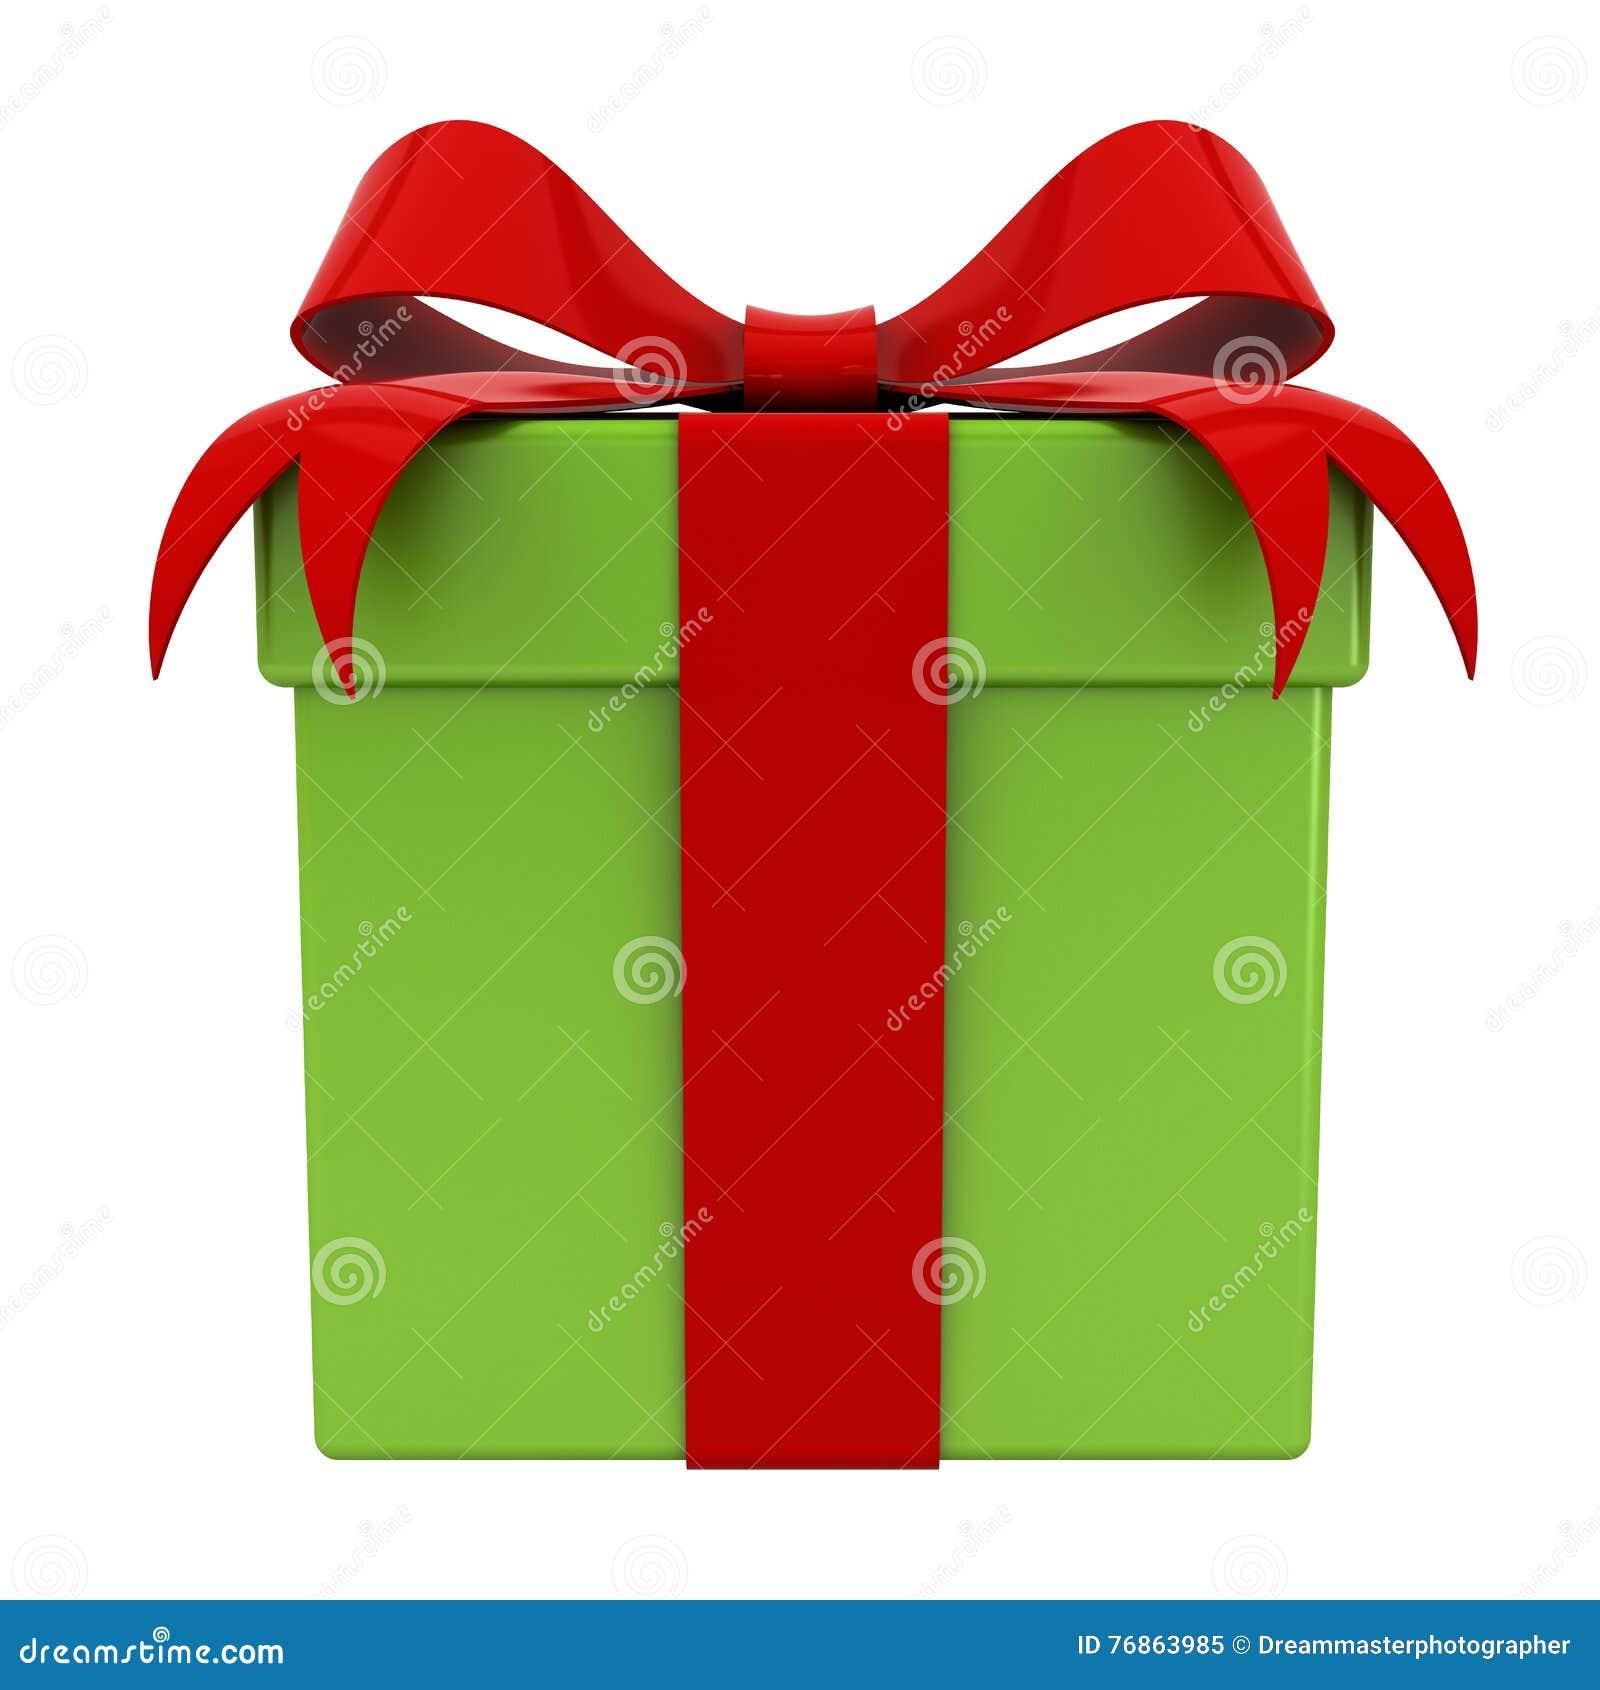 Geschenkbox Weihnachten.Geschenkbox Vorhanden Mit Rotem Bandbogen Auf Dem Grünen Kasten Für